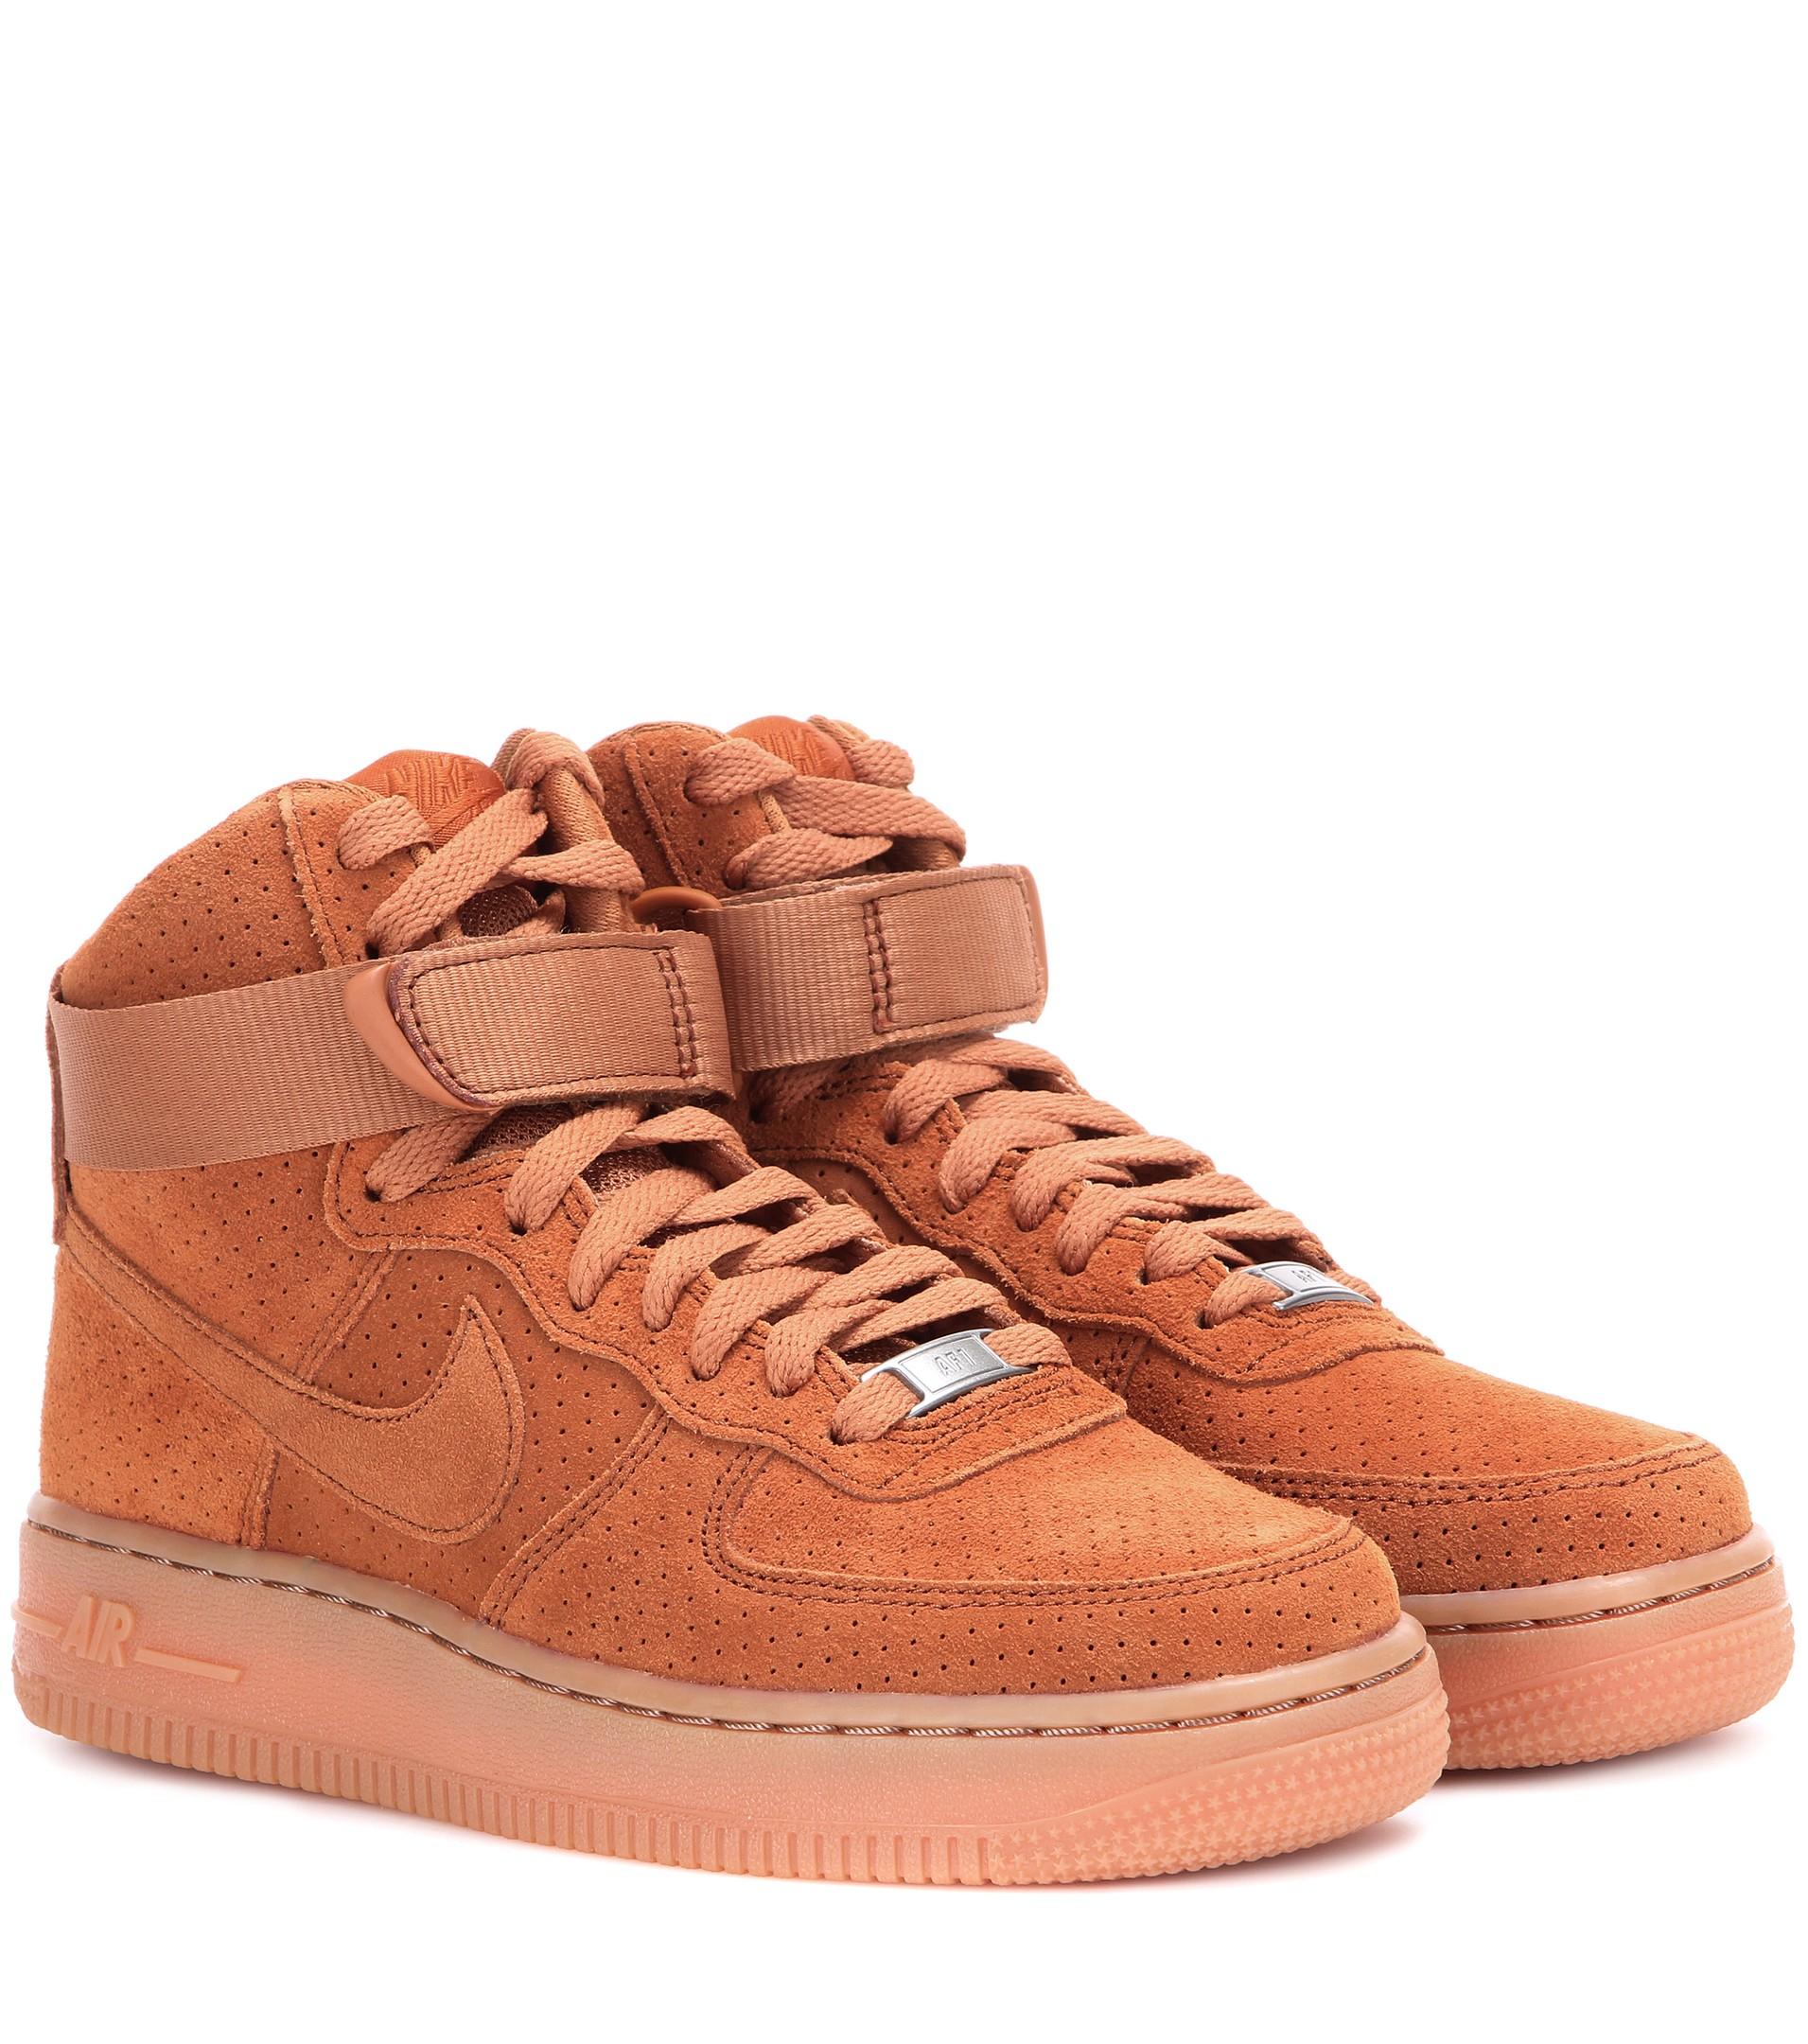 nike air force brown suede